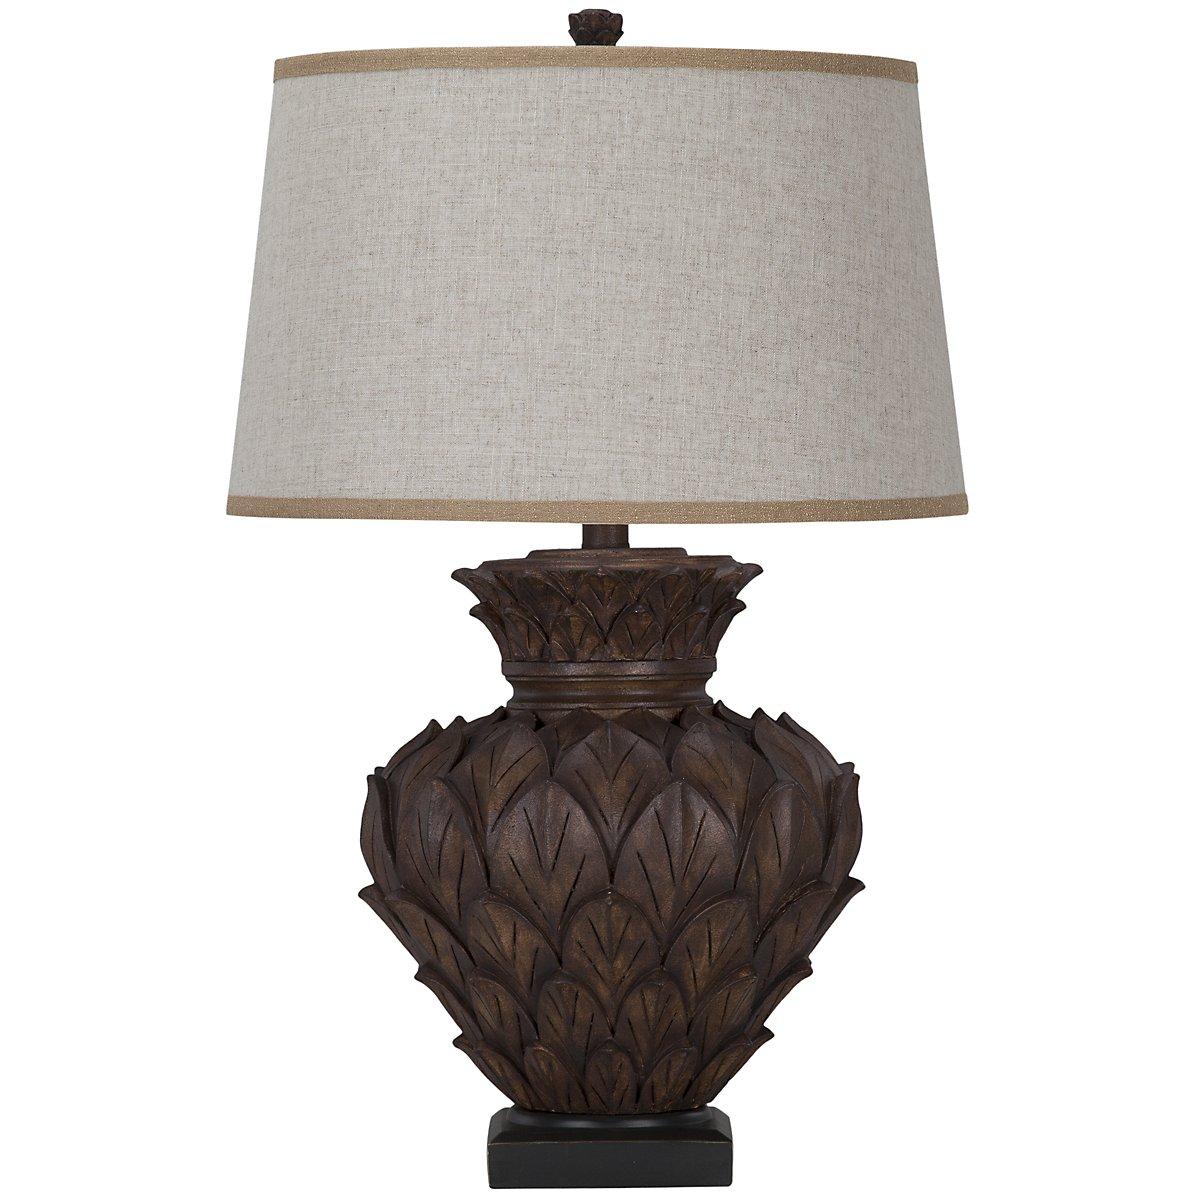 Aruba Dark Brown Table Lamp